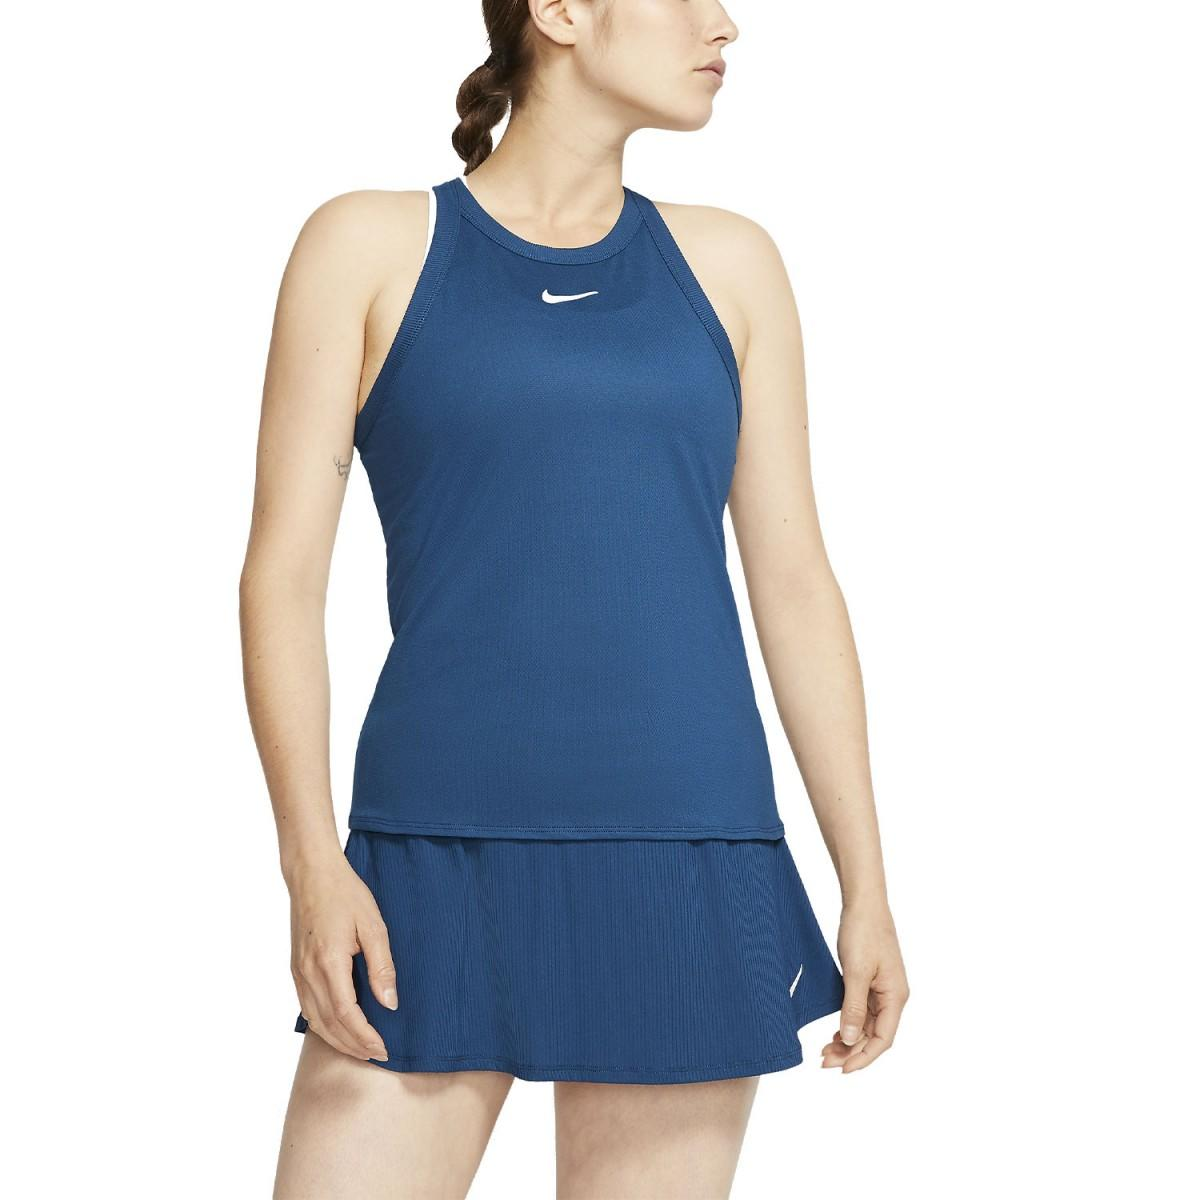 Теннисная майка женская Nike Court Dry Tank valerian blue/white